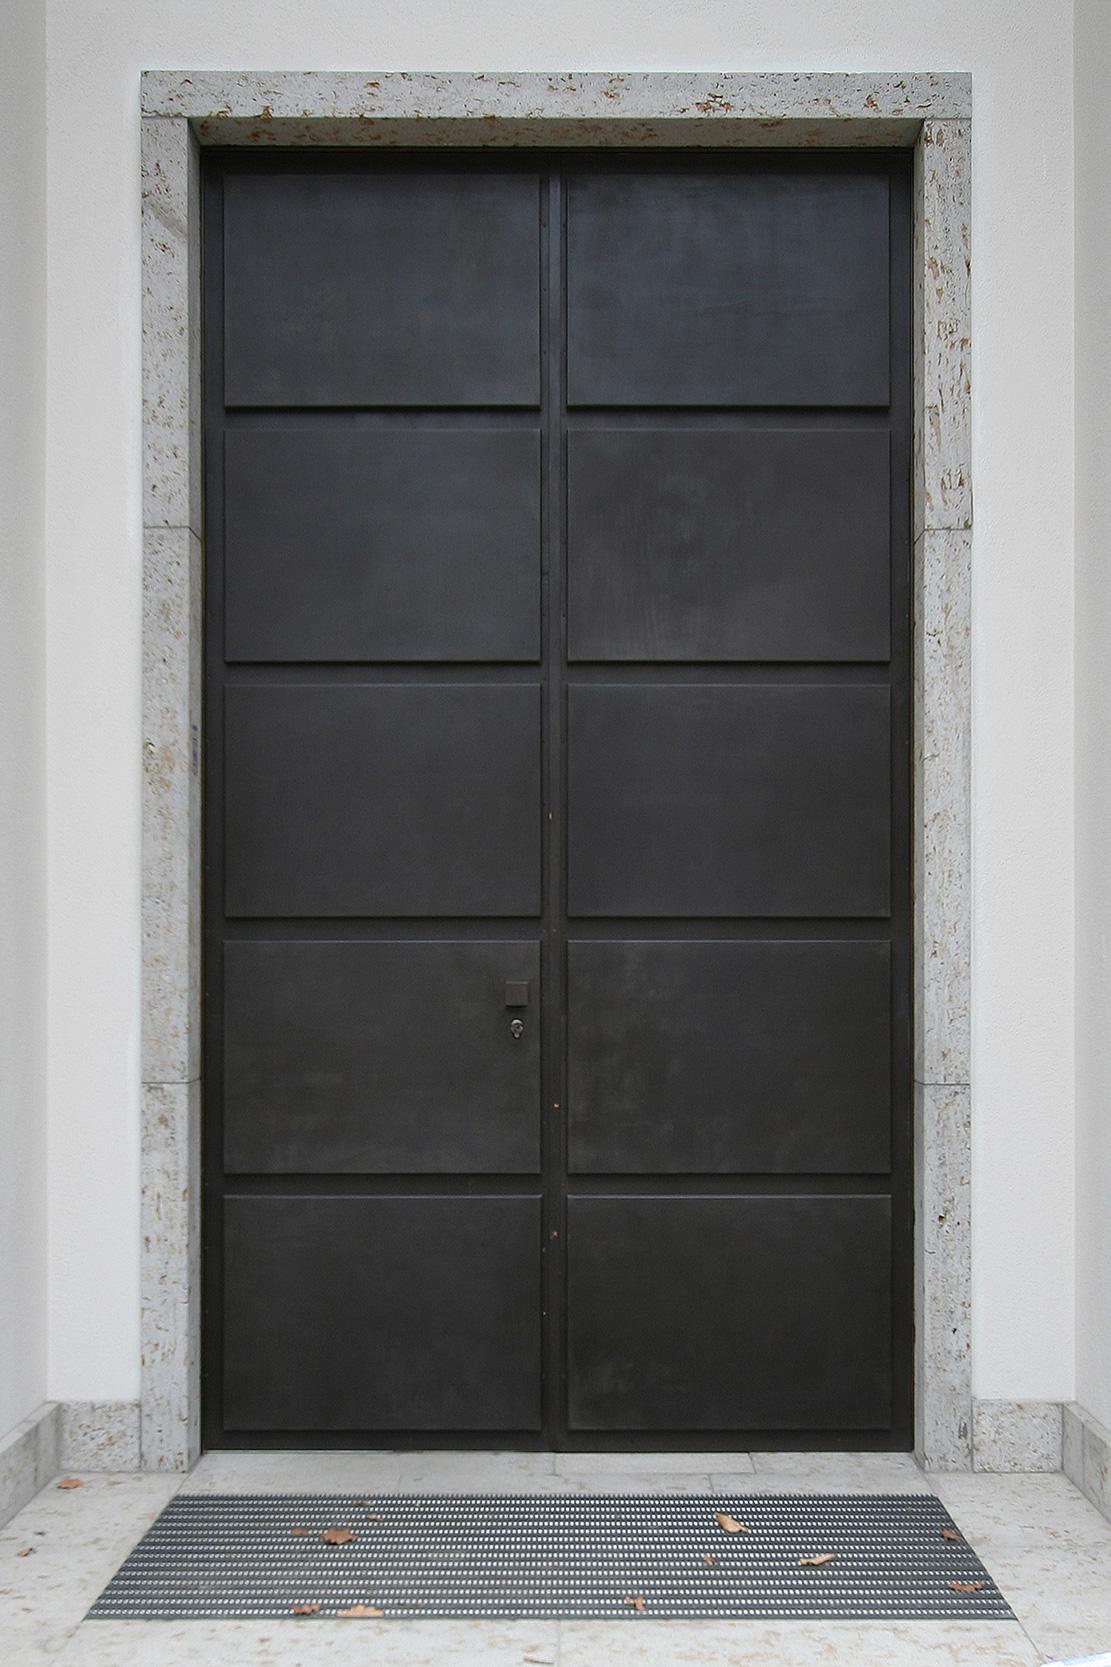 Neubau einer Villa im neoklassizistischen Stil - Die Doppeltür des Hauteingangs aus Baubronze